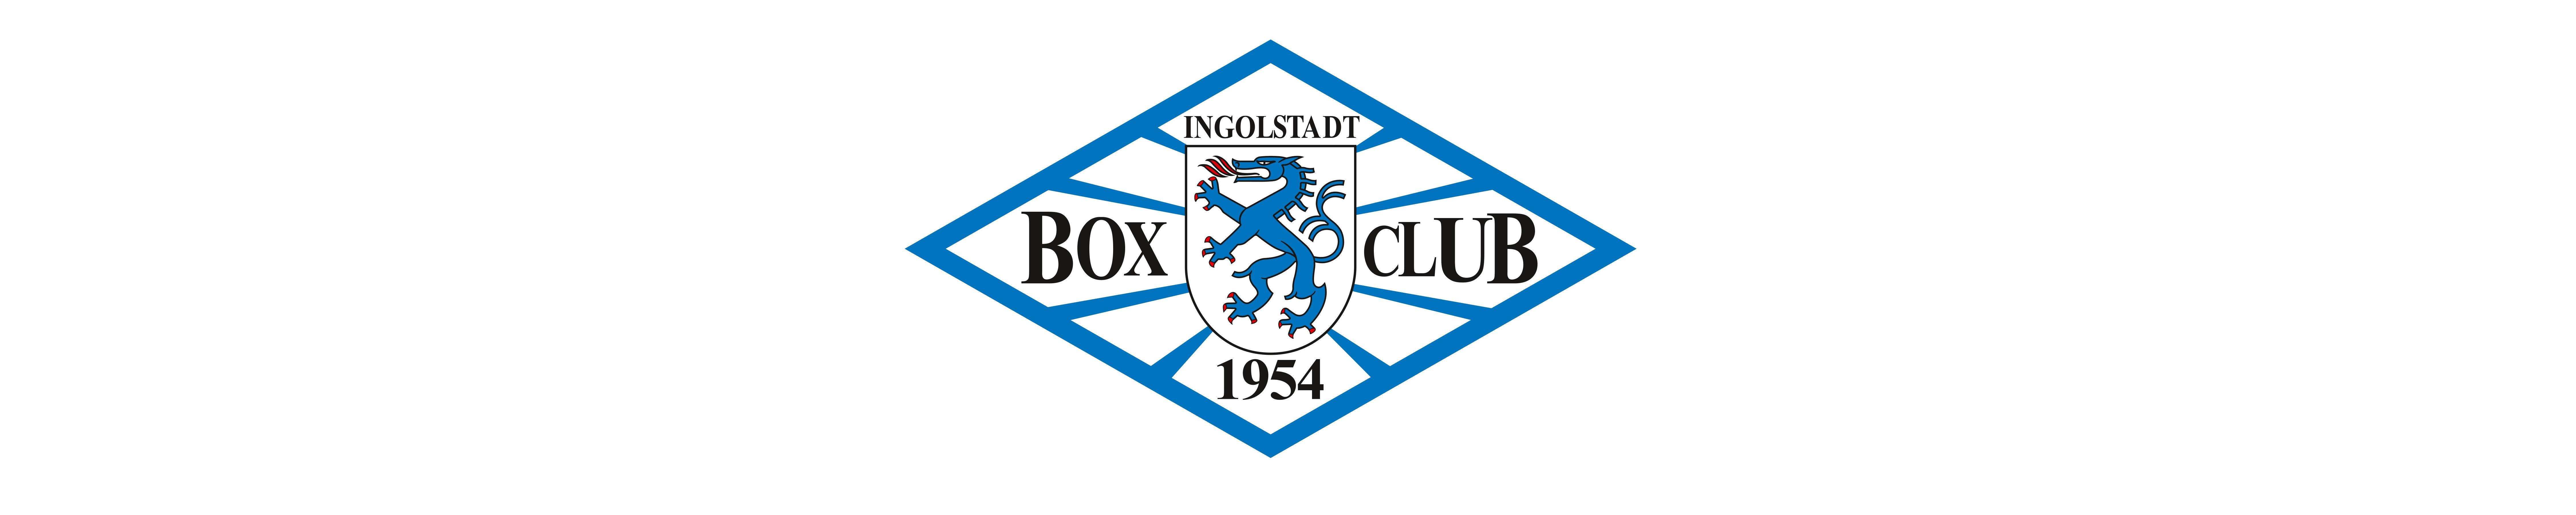 Box-Club Ingolstadt 1954 e.V.